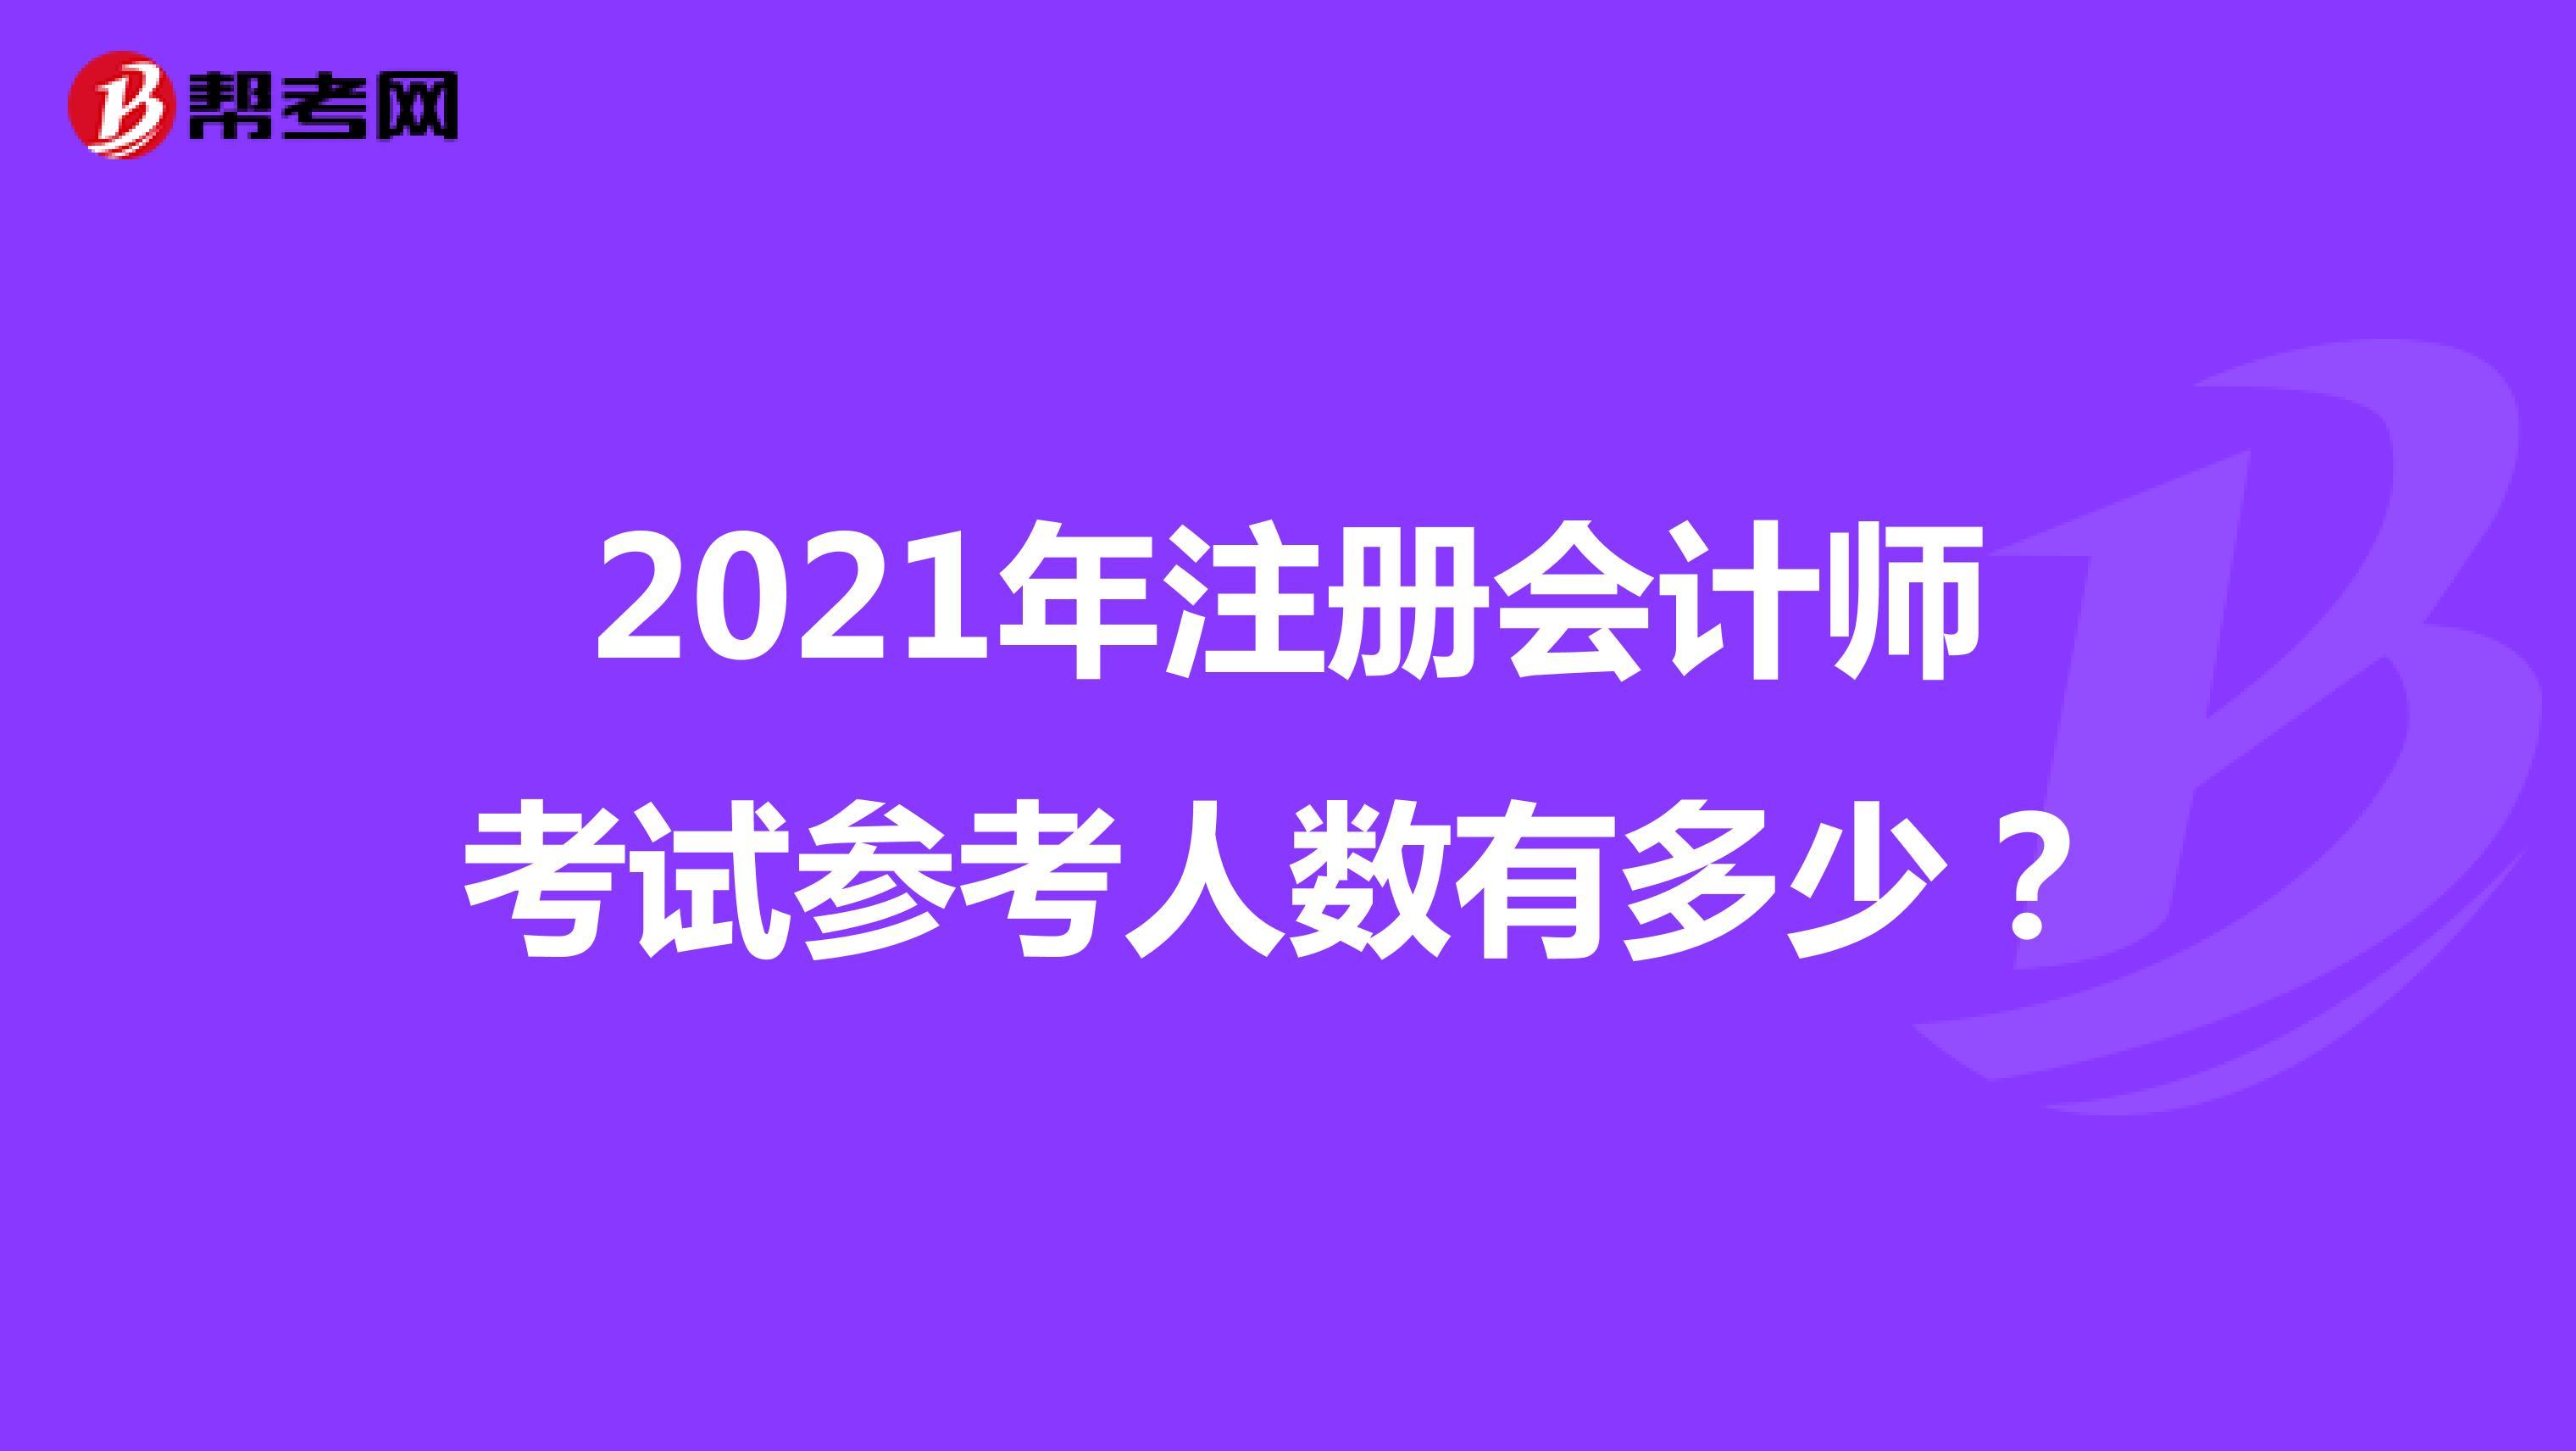 2021年注册会计师考试参考人数有多少?